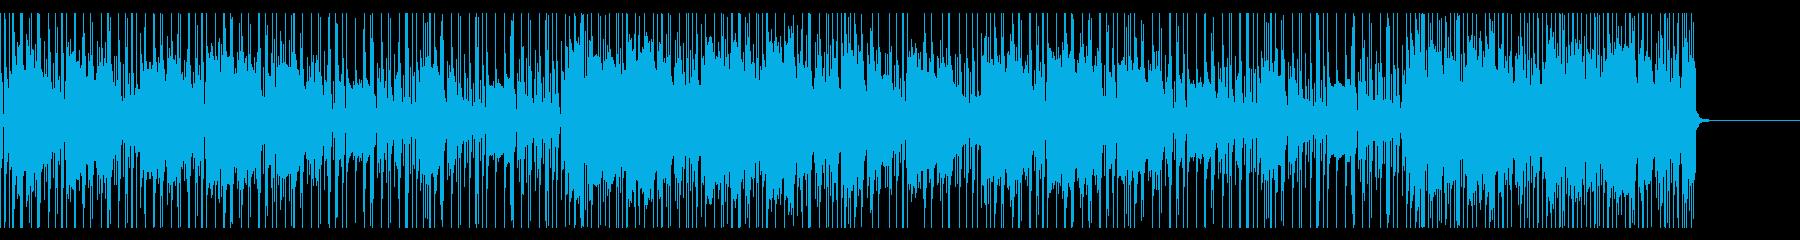 都会的なギターフュージョンの再生済みの波形